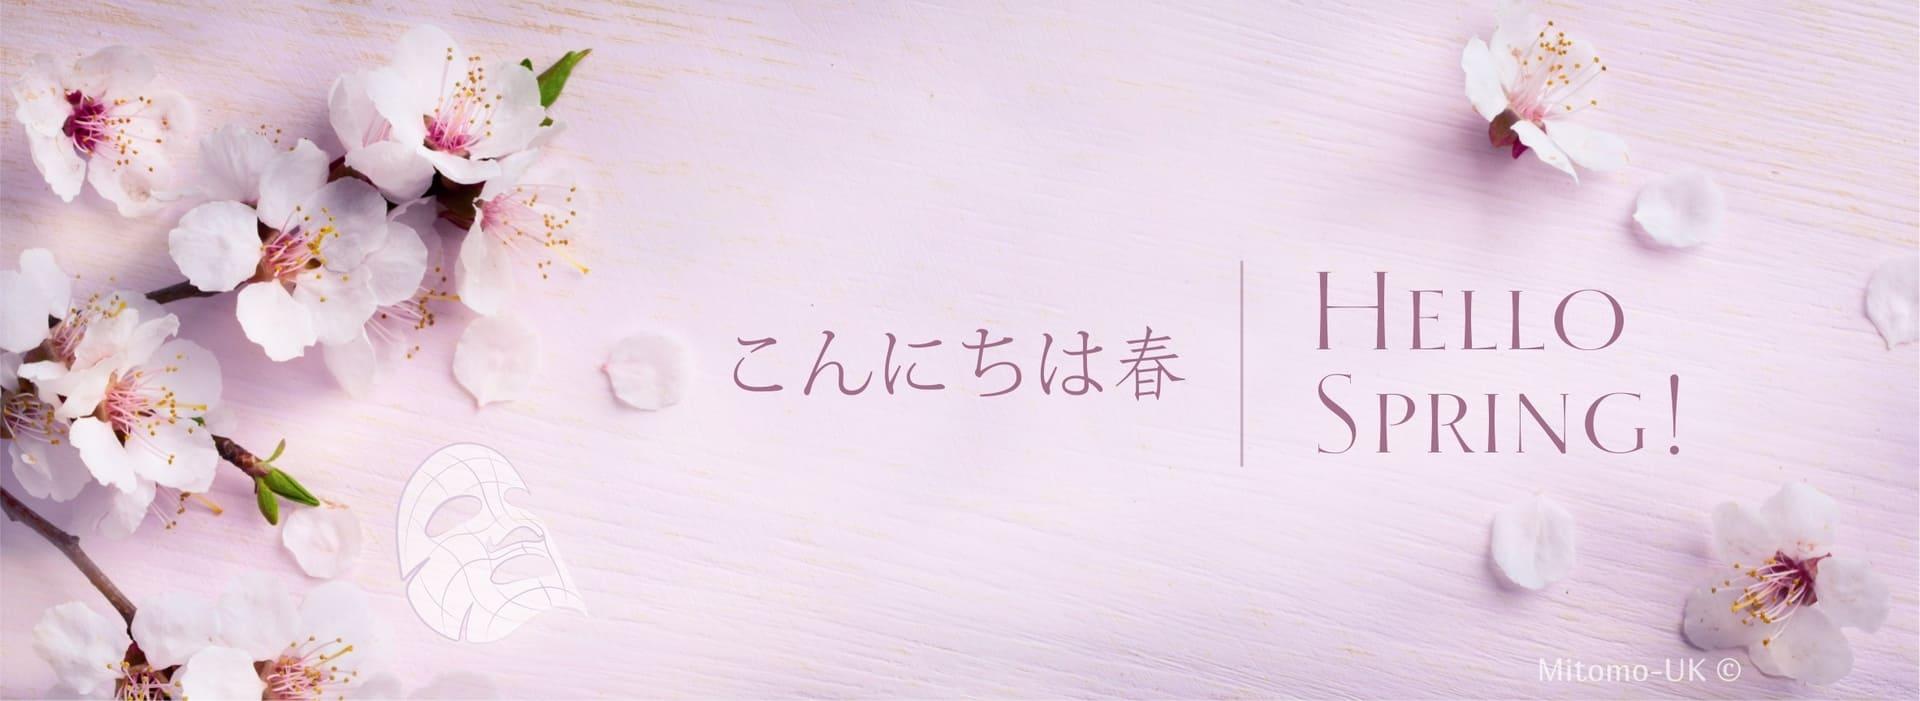 Mitomo Japanese Face Sheet Mask - Spring promotion